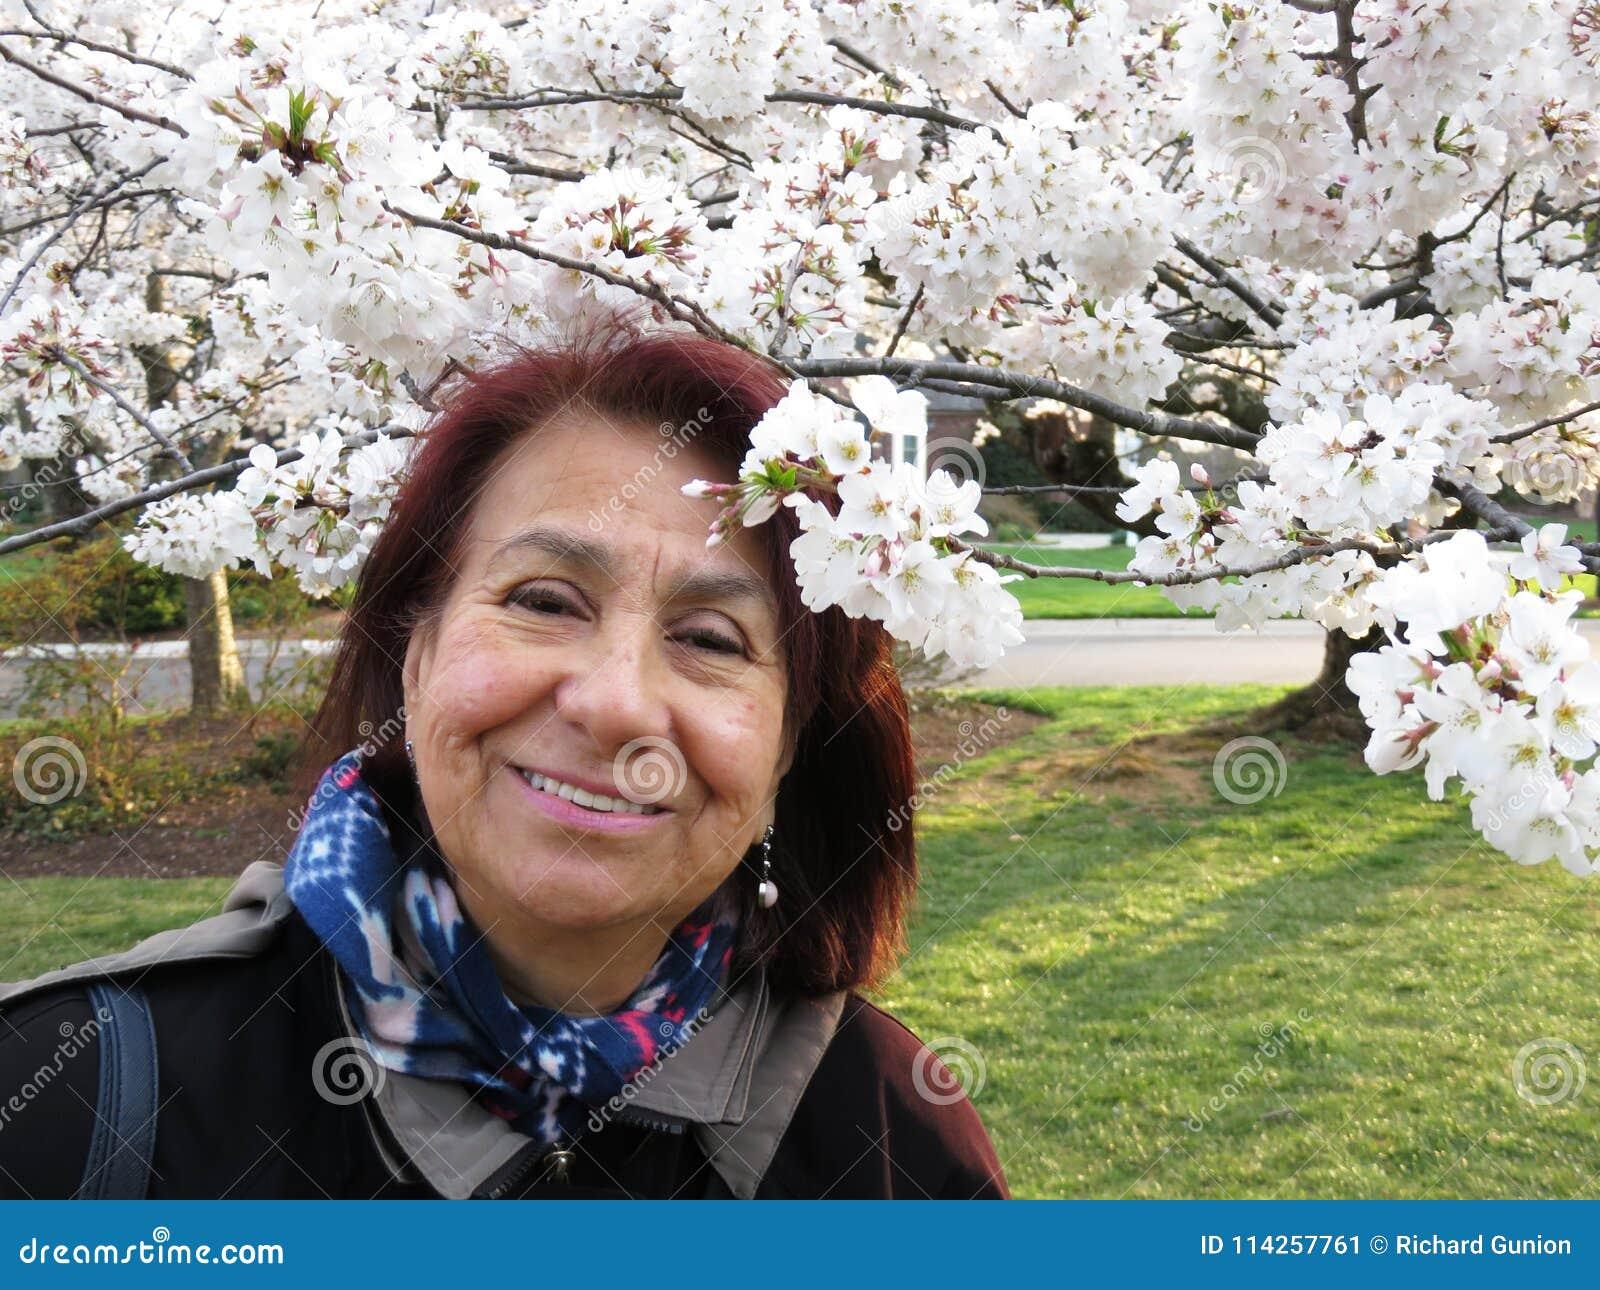 Latina-Frau, die Cherry Blossoms genießt